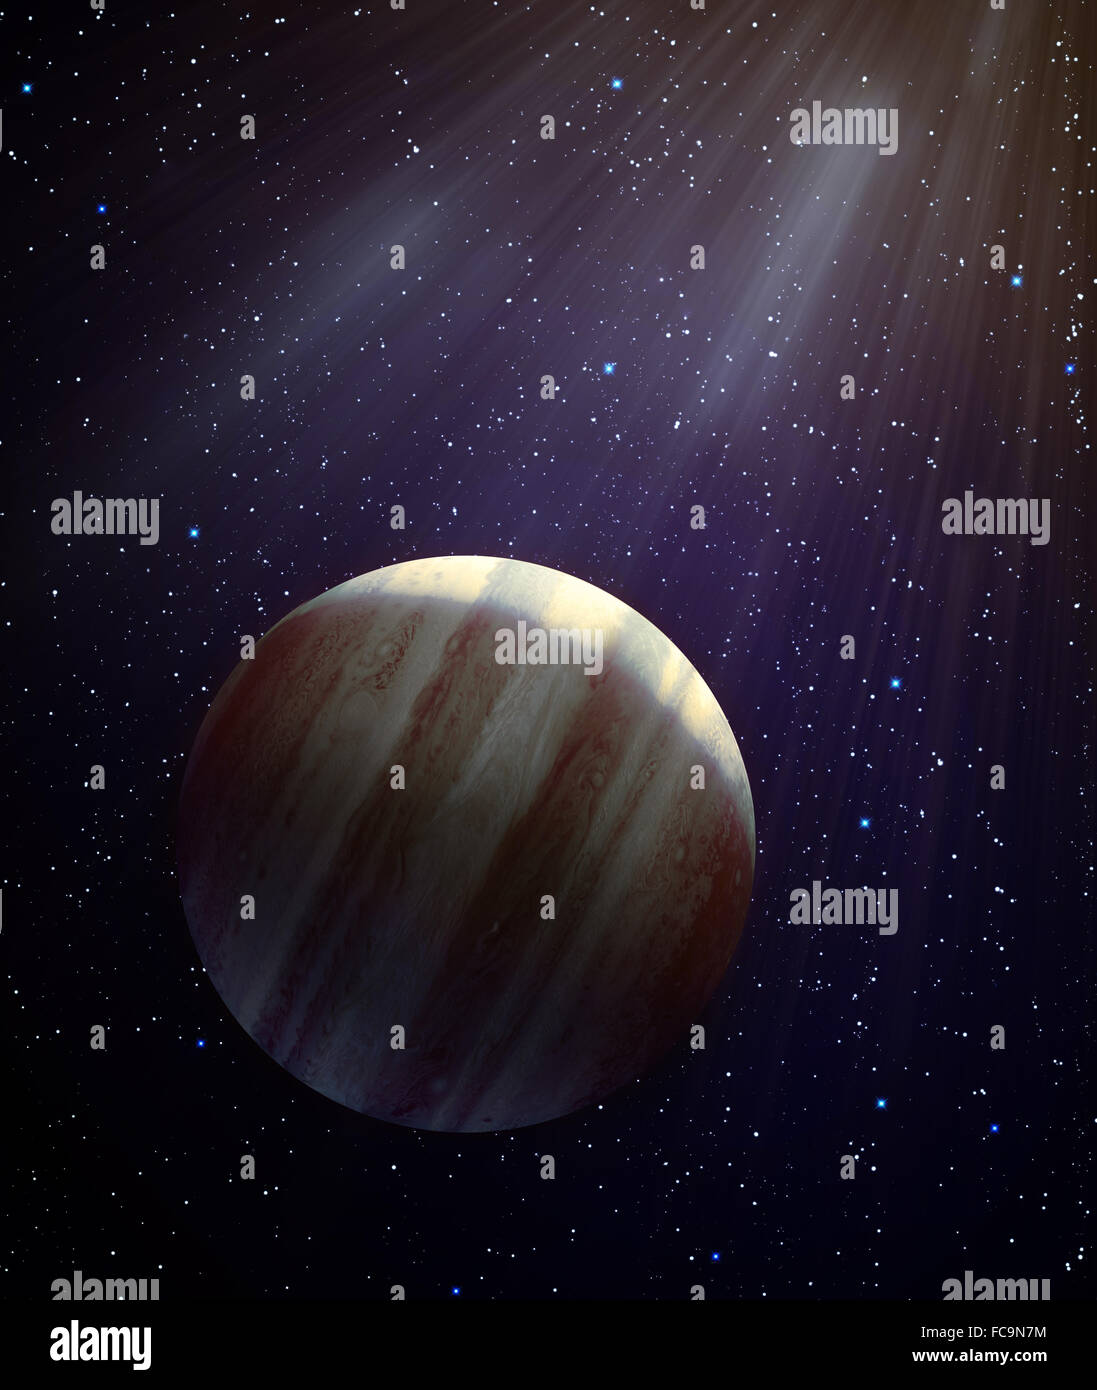 Mögliche neue Planeten in unserem Sonnensystem - Planet X Stockbild